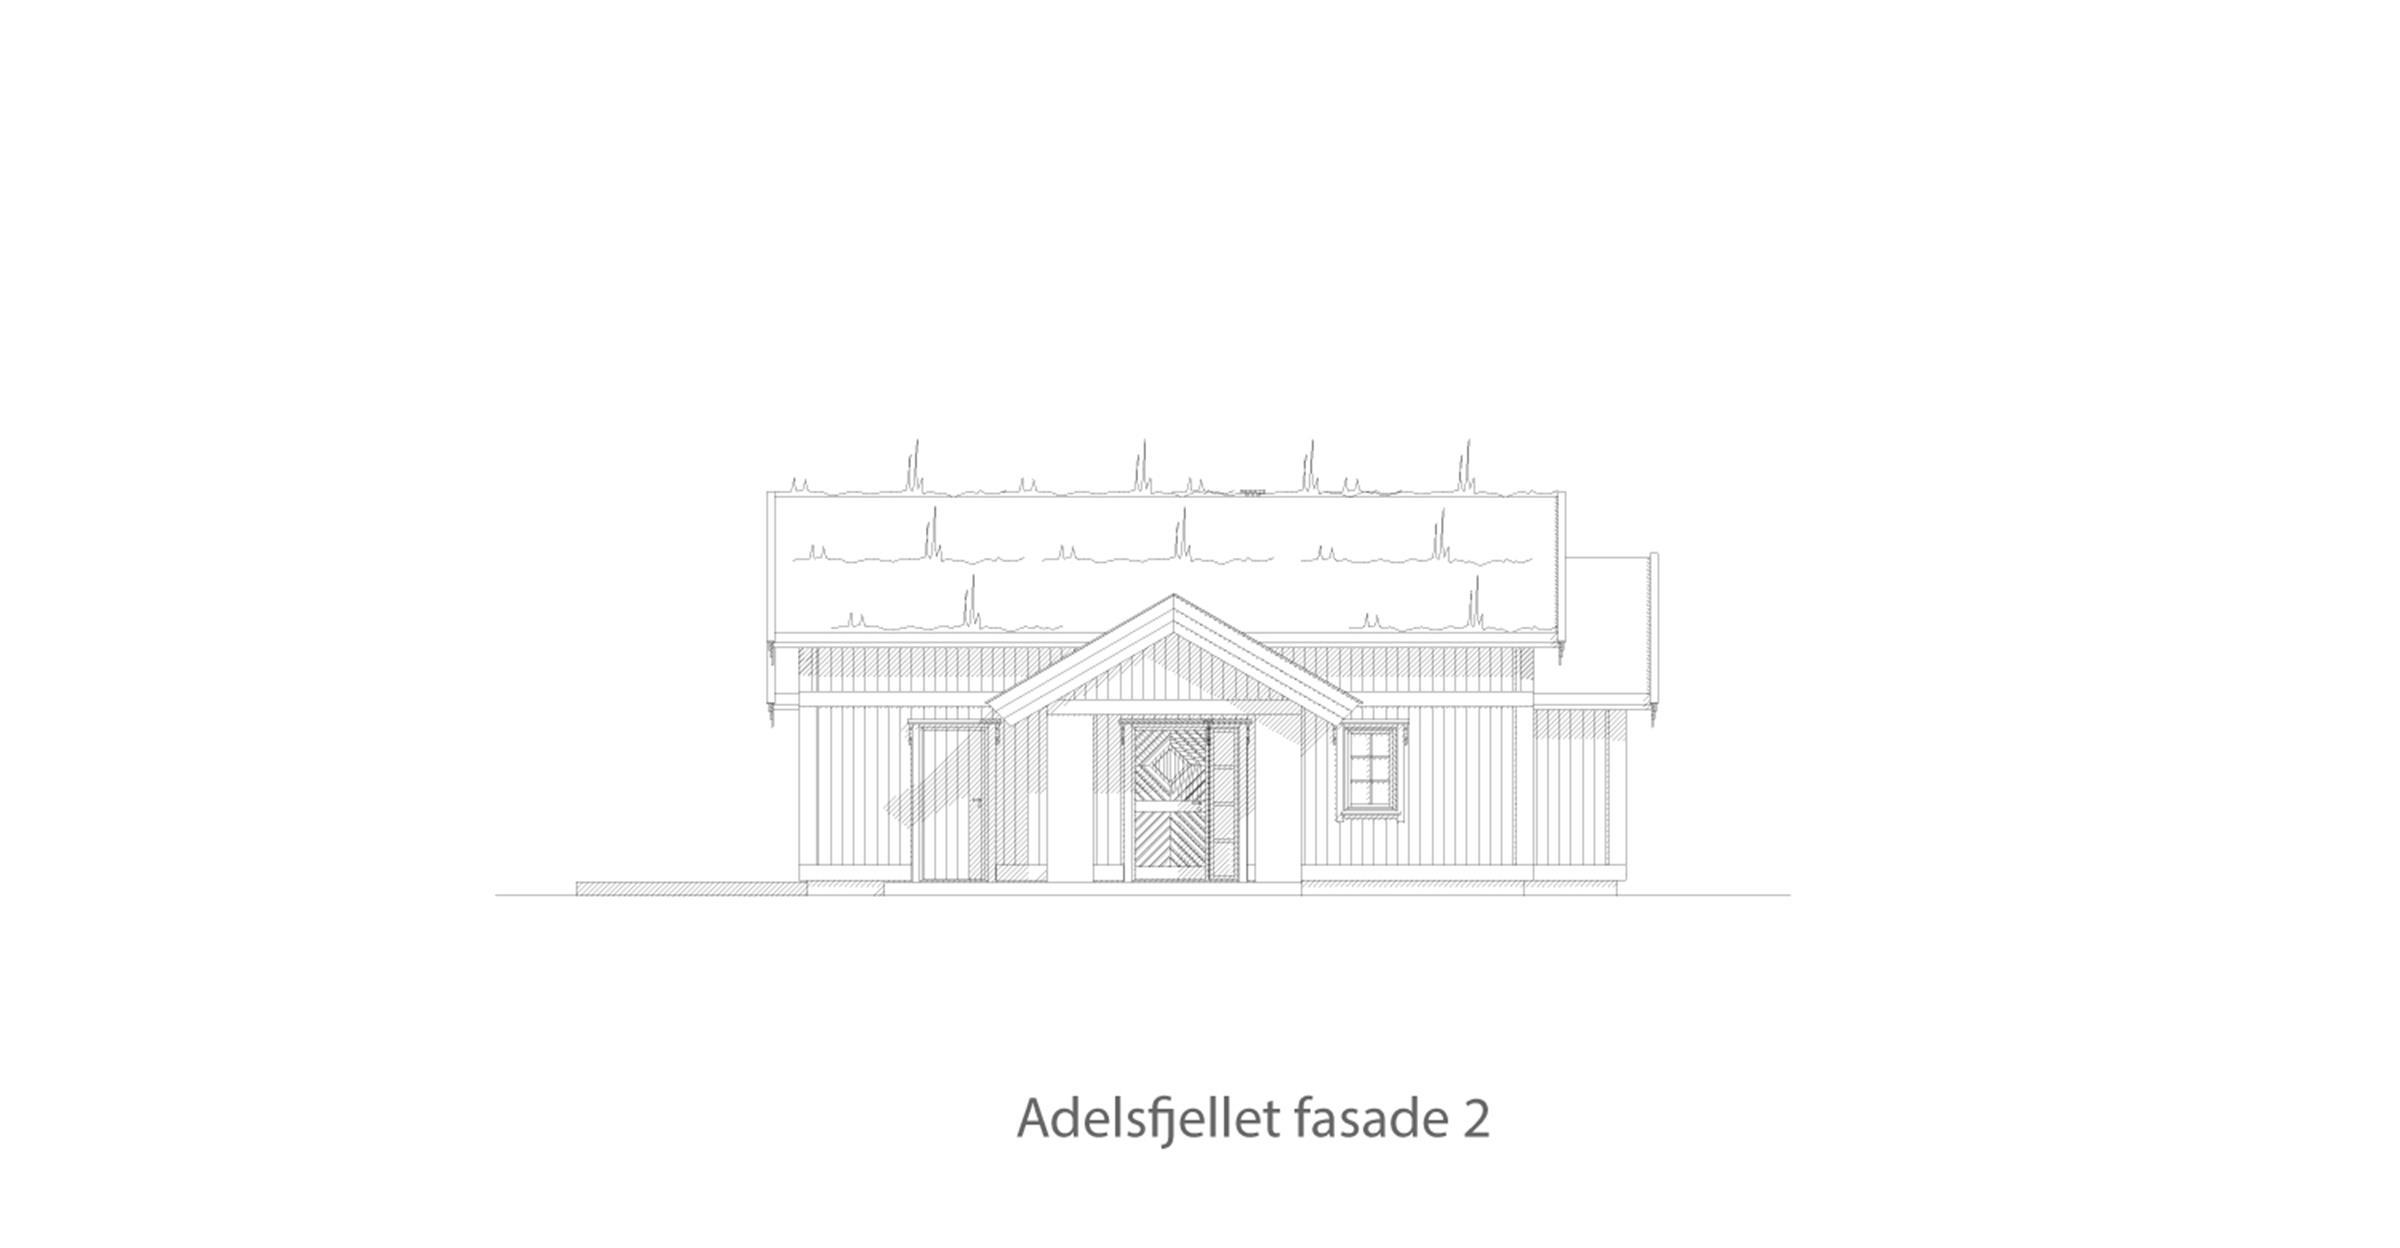 Adelsfjellet fasade 2